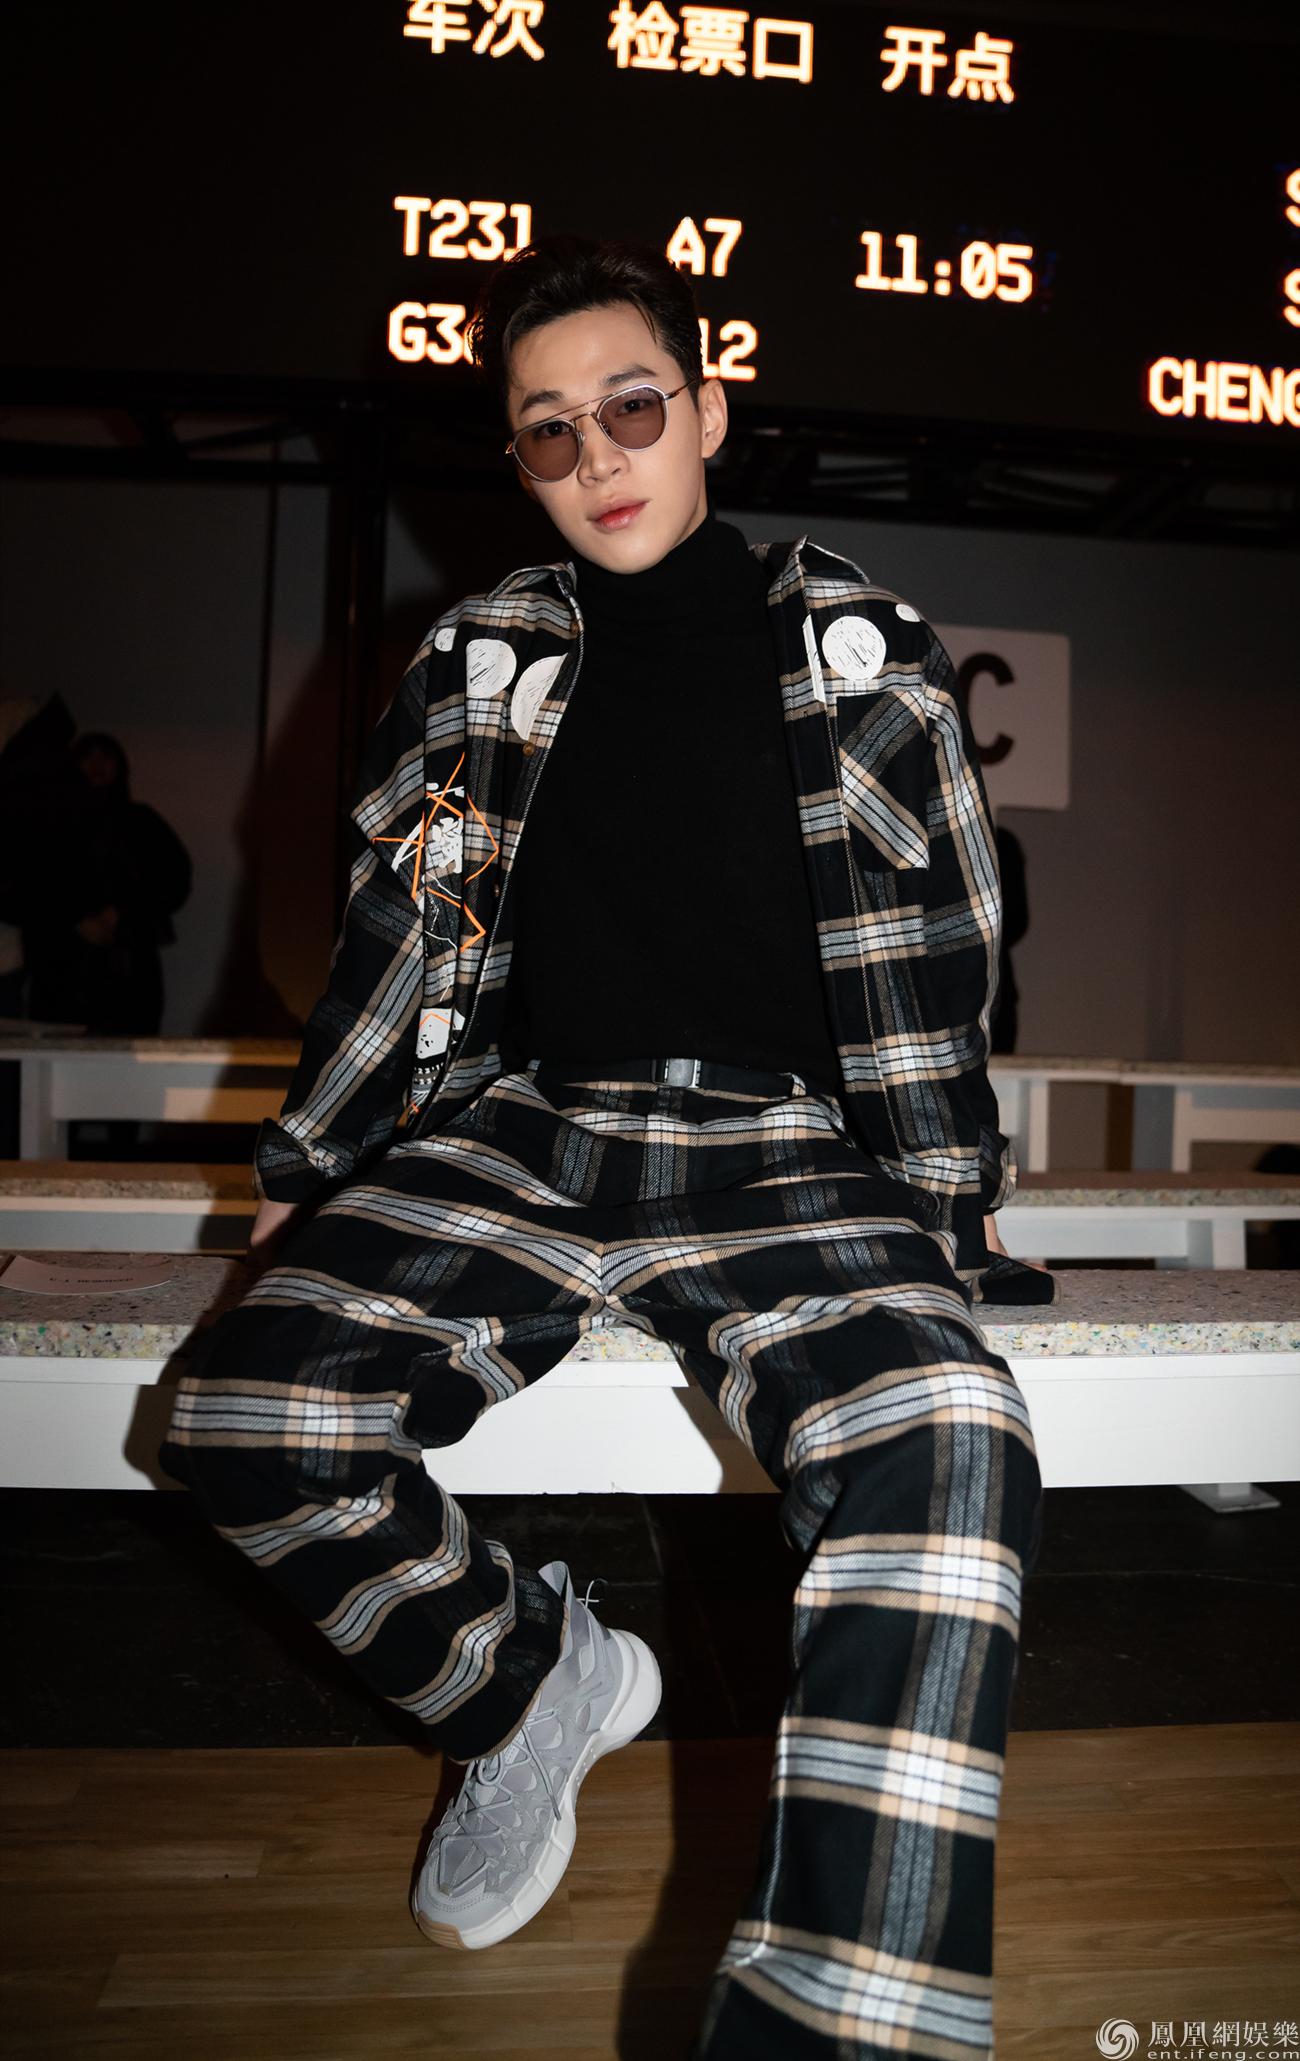 【热点】刘宪华大展驾驭力百变风格再证时尚icon